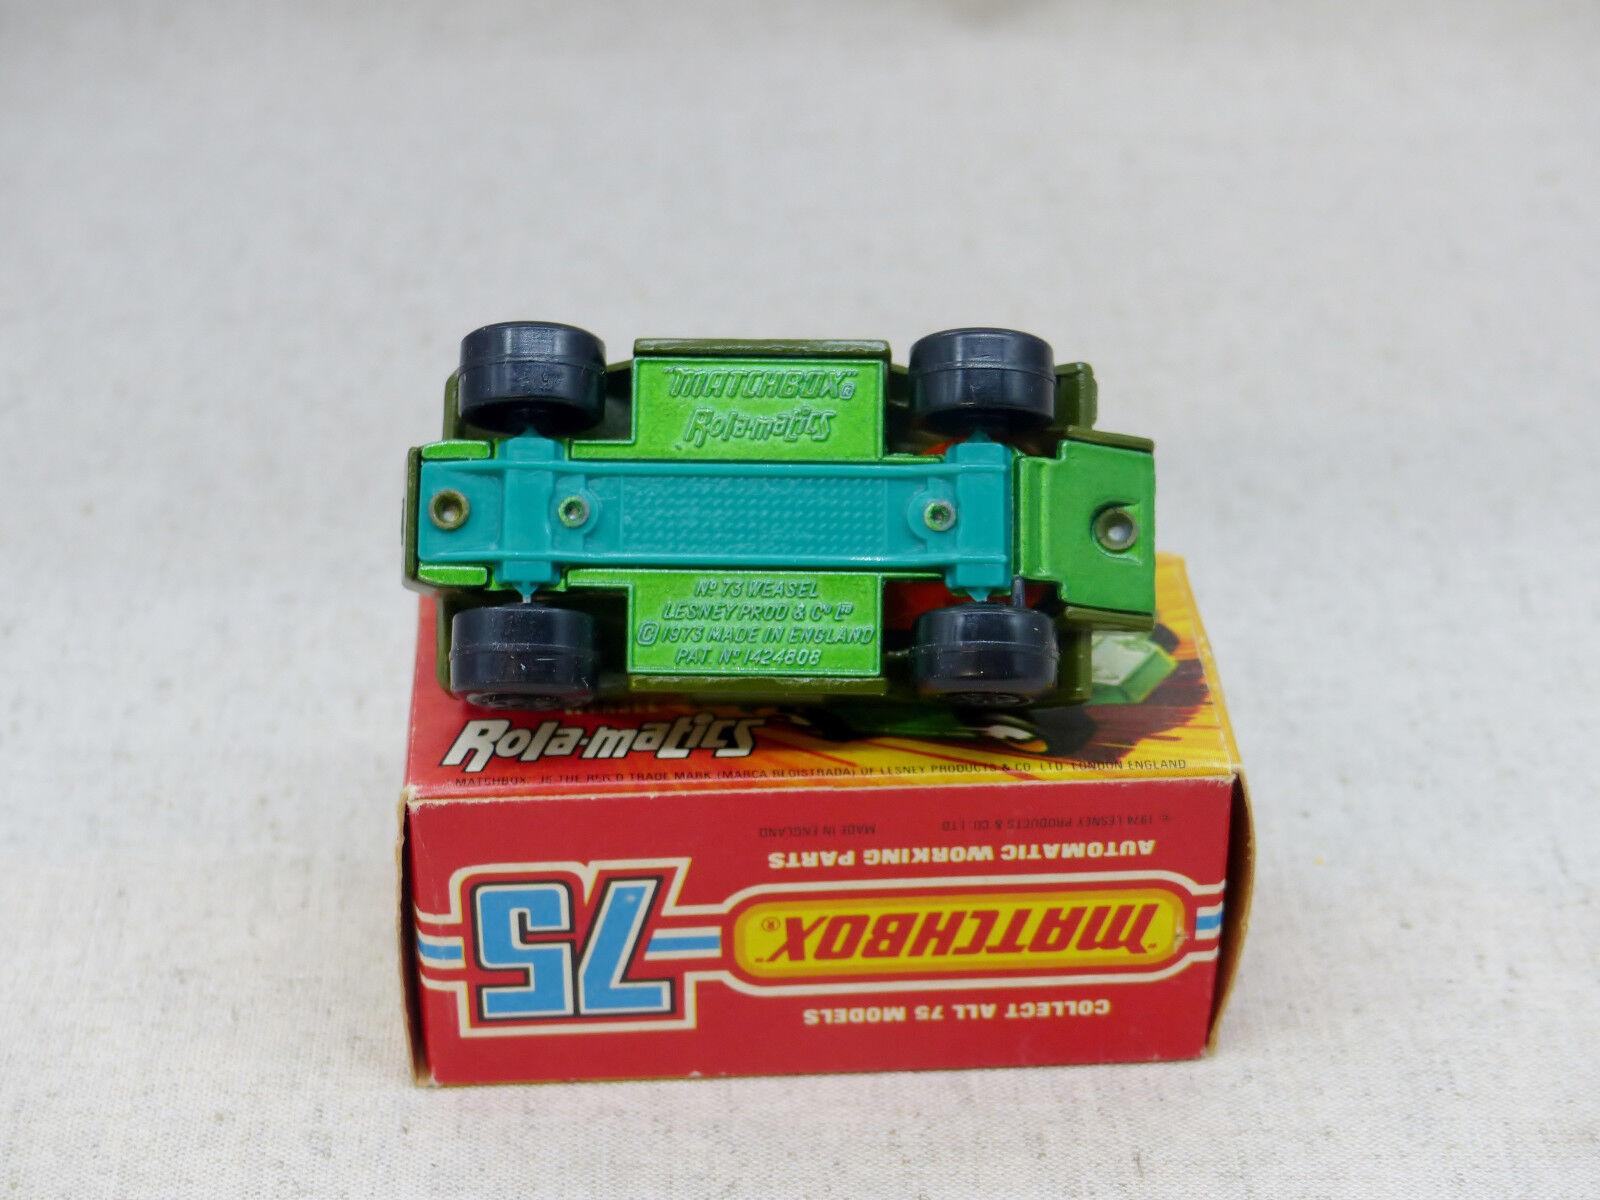 Matchbox Superfast 73 véhicule blindé militaire Weasel rare Near Mint boxed